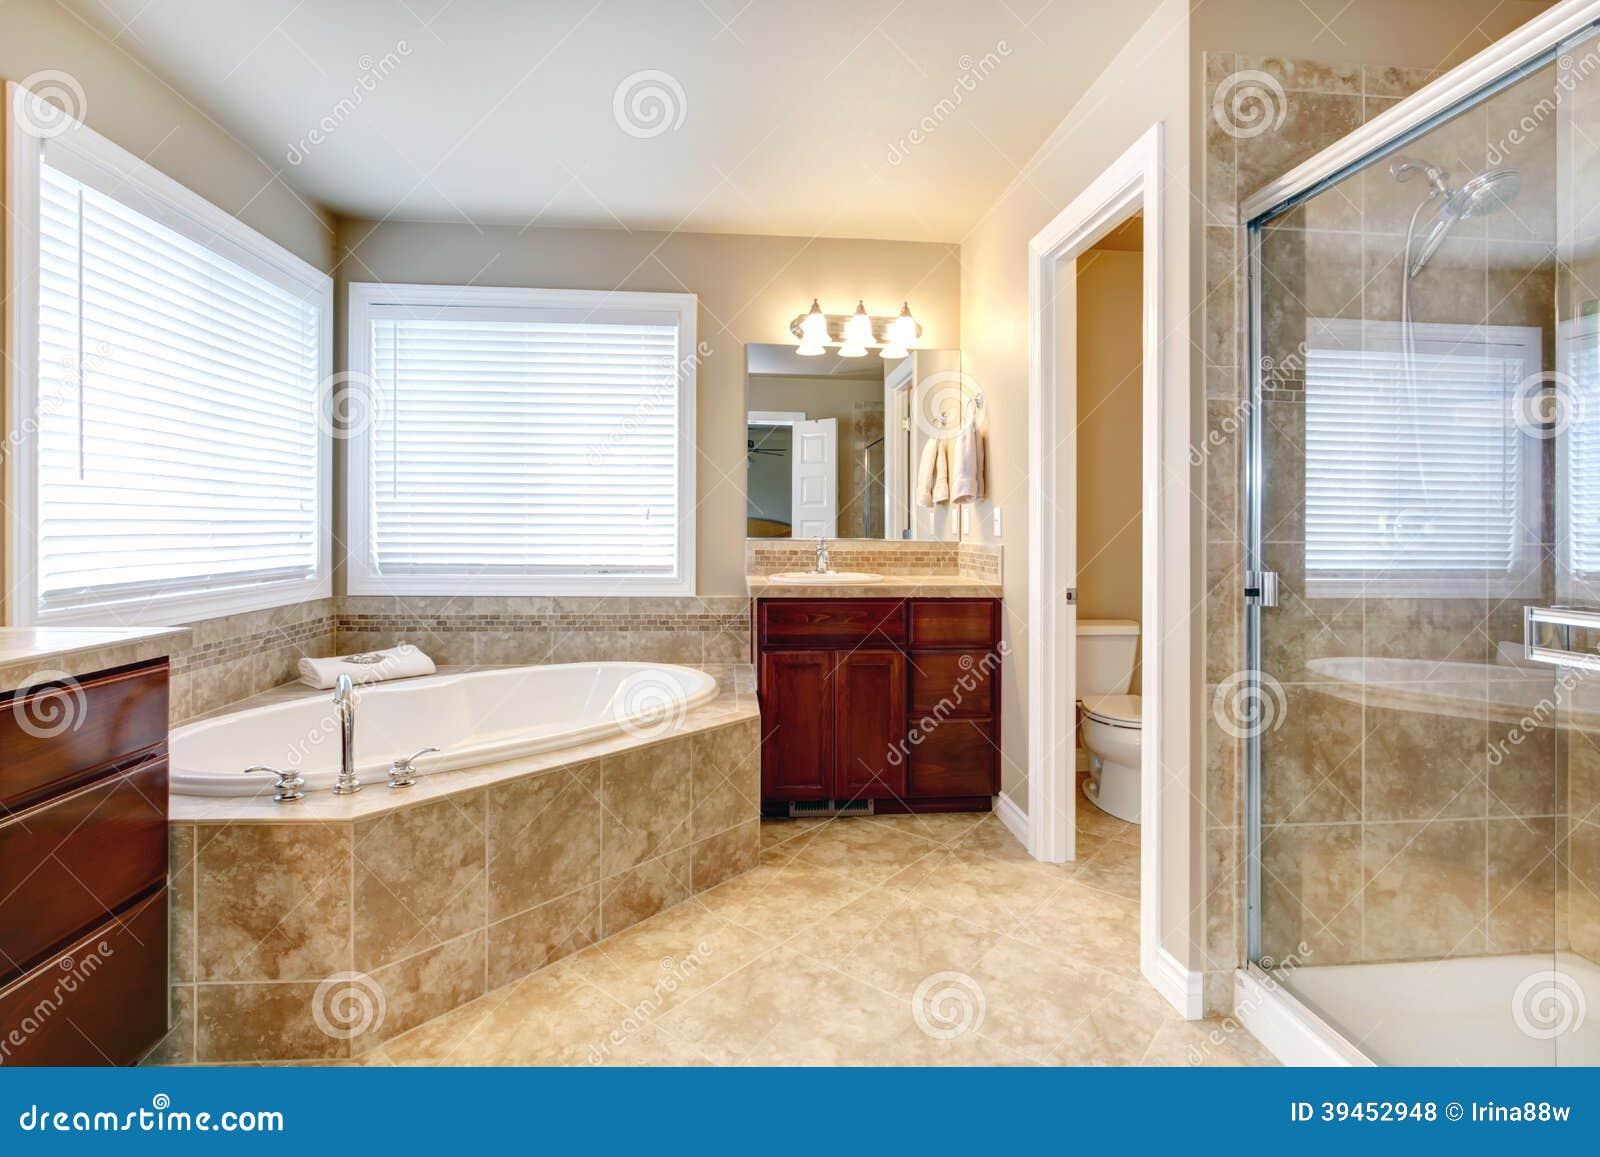 Banheiro Moderno Com Cuba E O Chuveiro Redondos Foto de Stock  Imagem 39452948 -> Banheiros Modernos Chuveiro